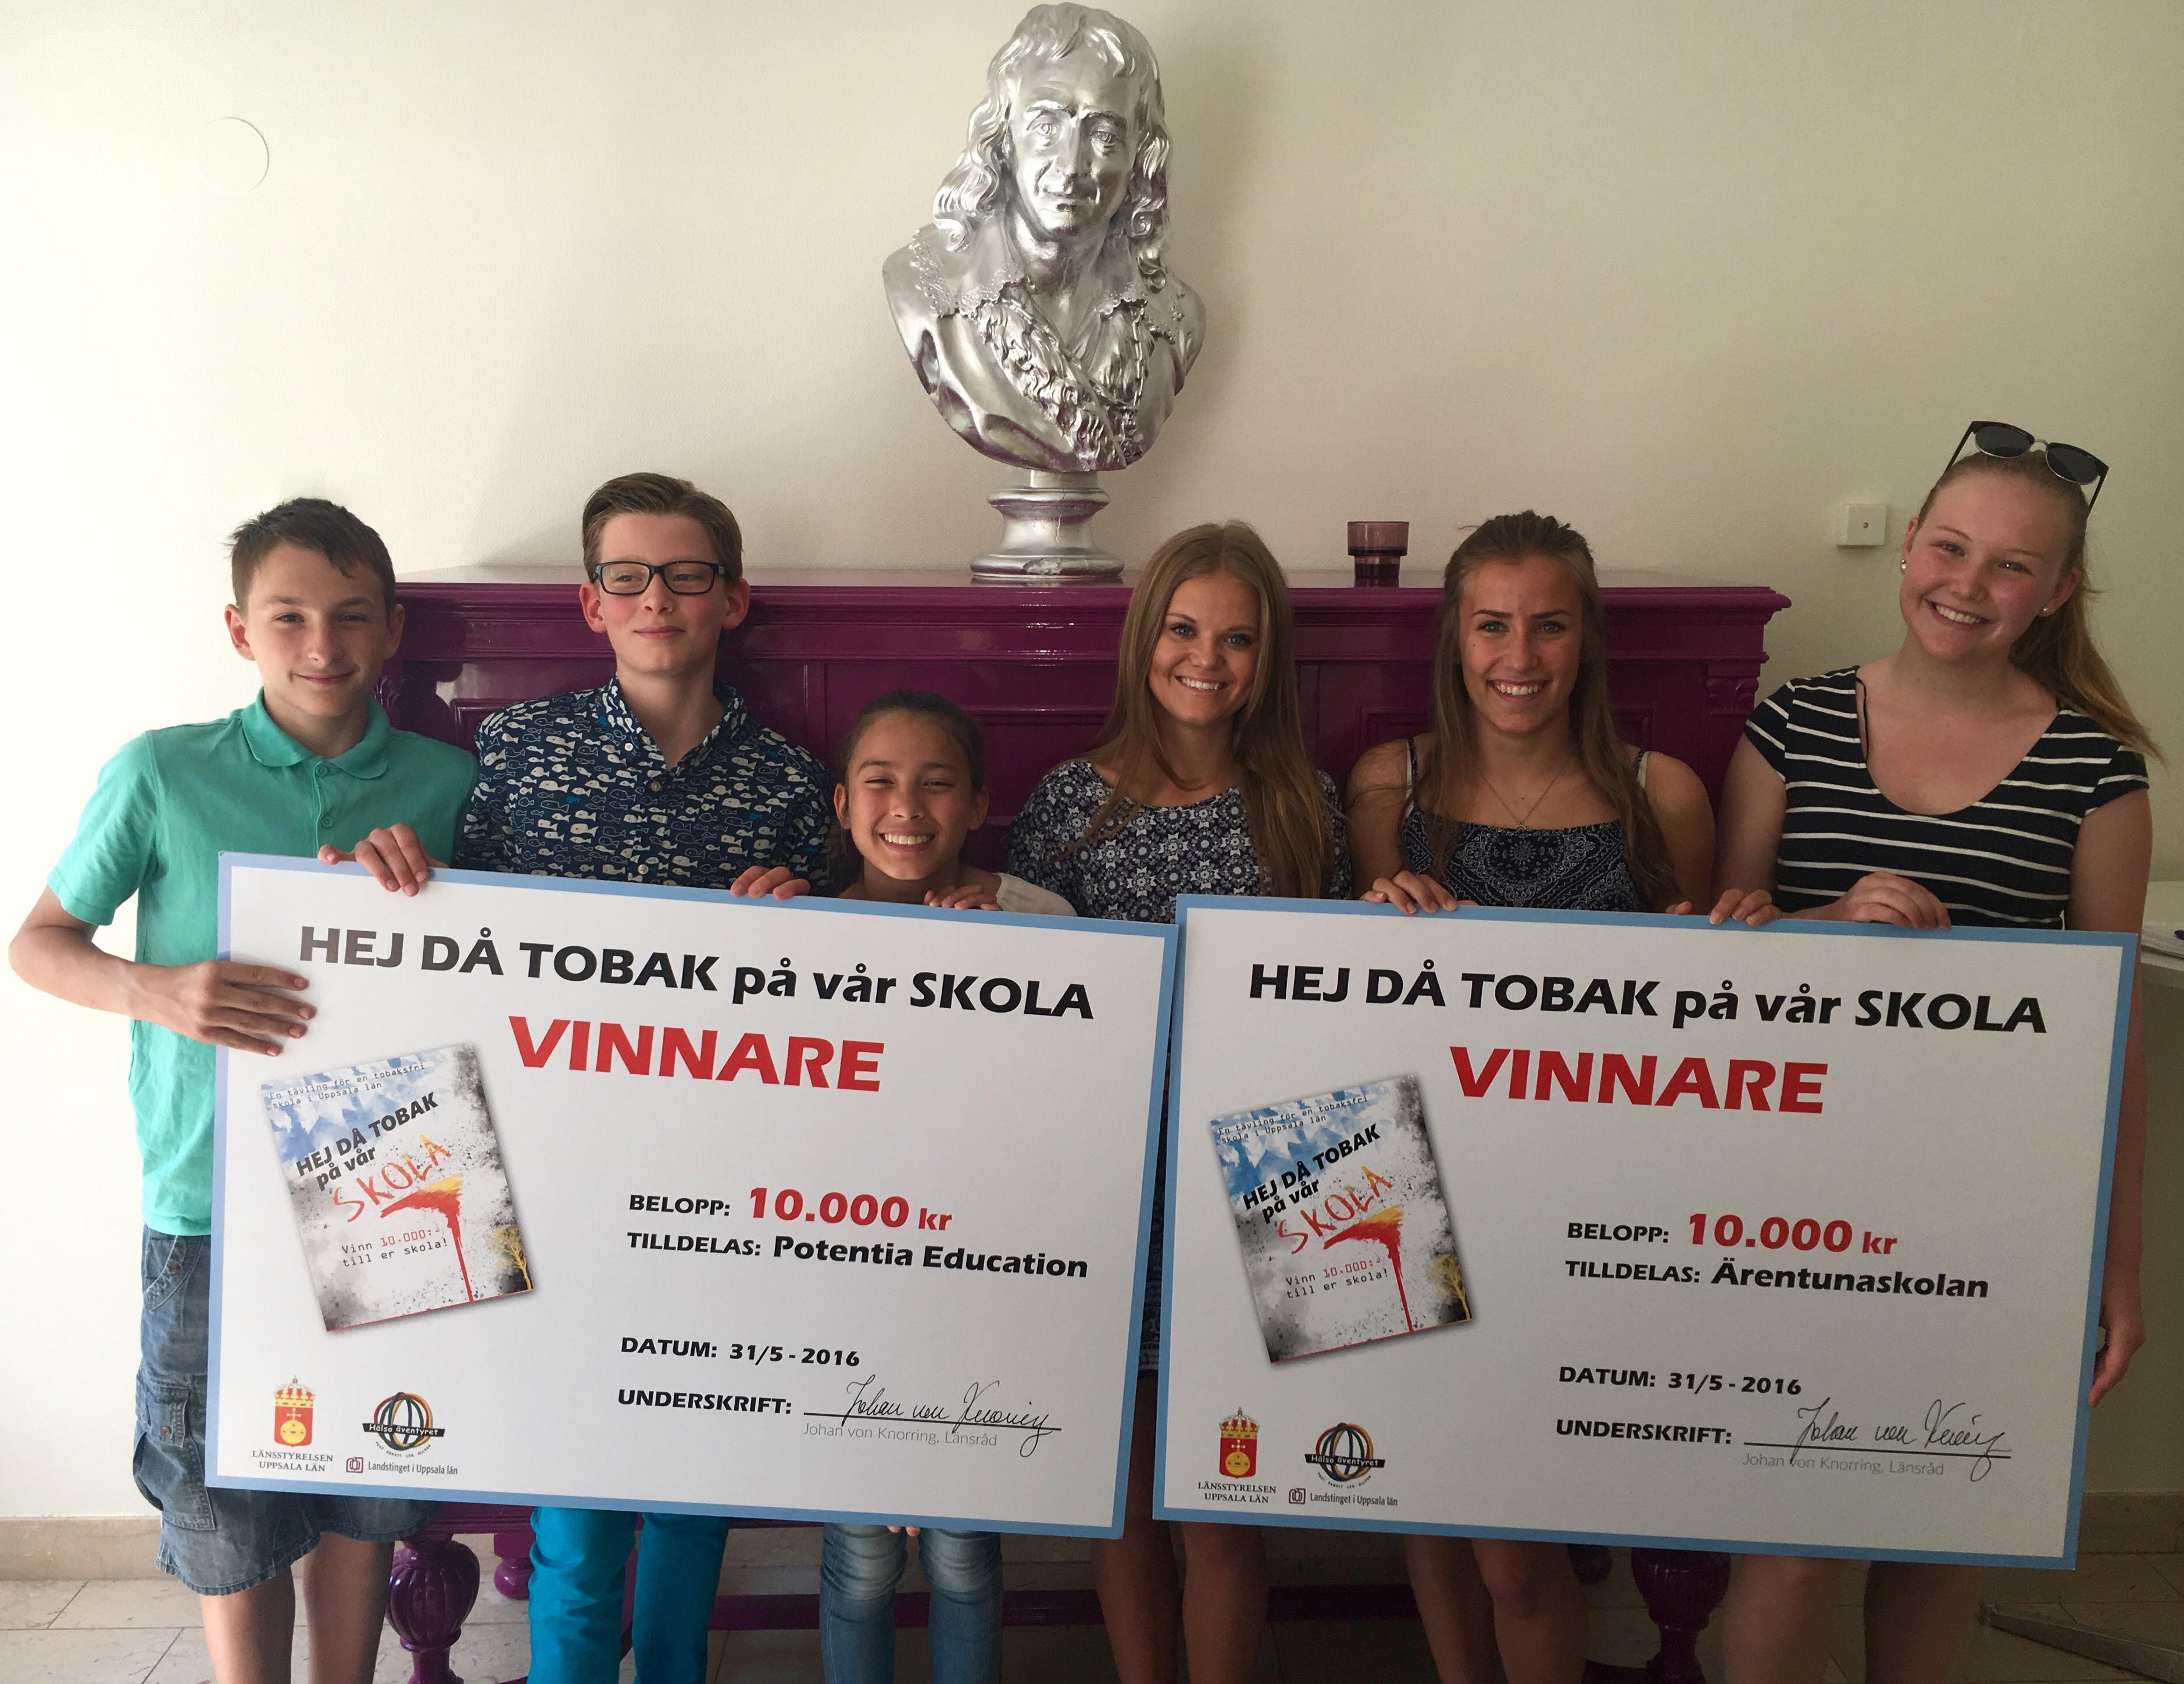 """Två skolor vinnare i tävlingen """"HEJ DÅ TOBAK på vår skola!"""""""